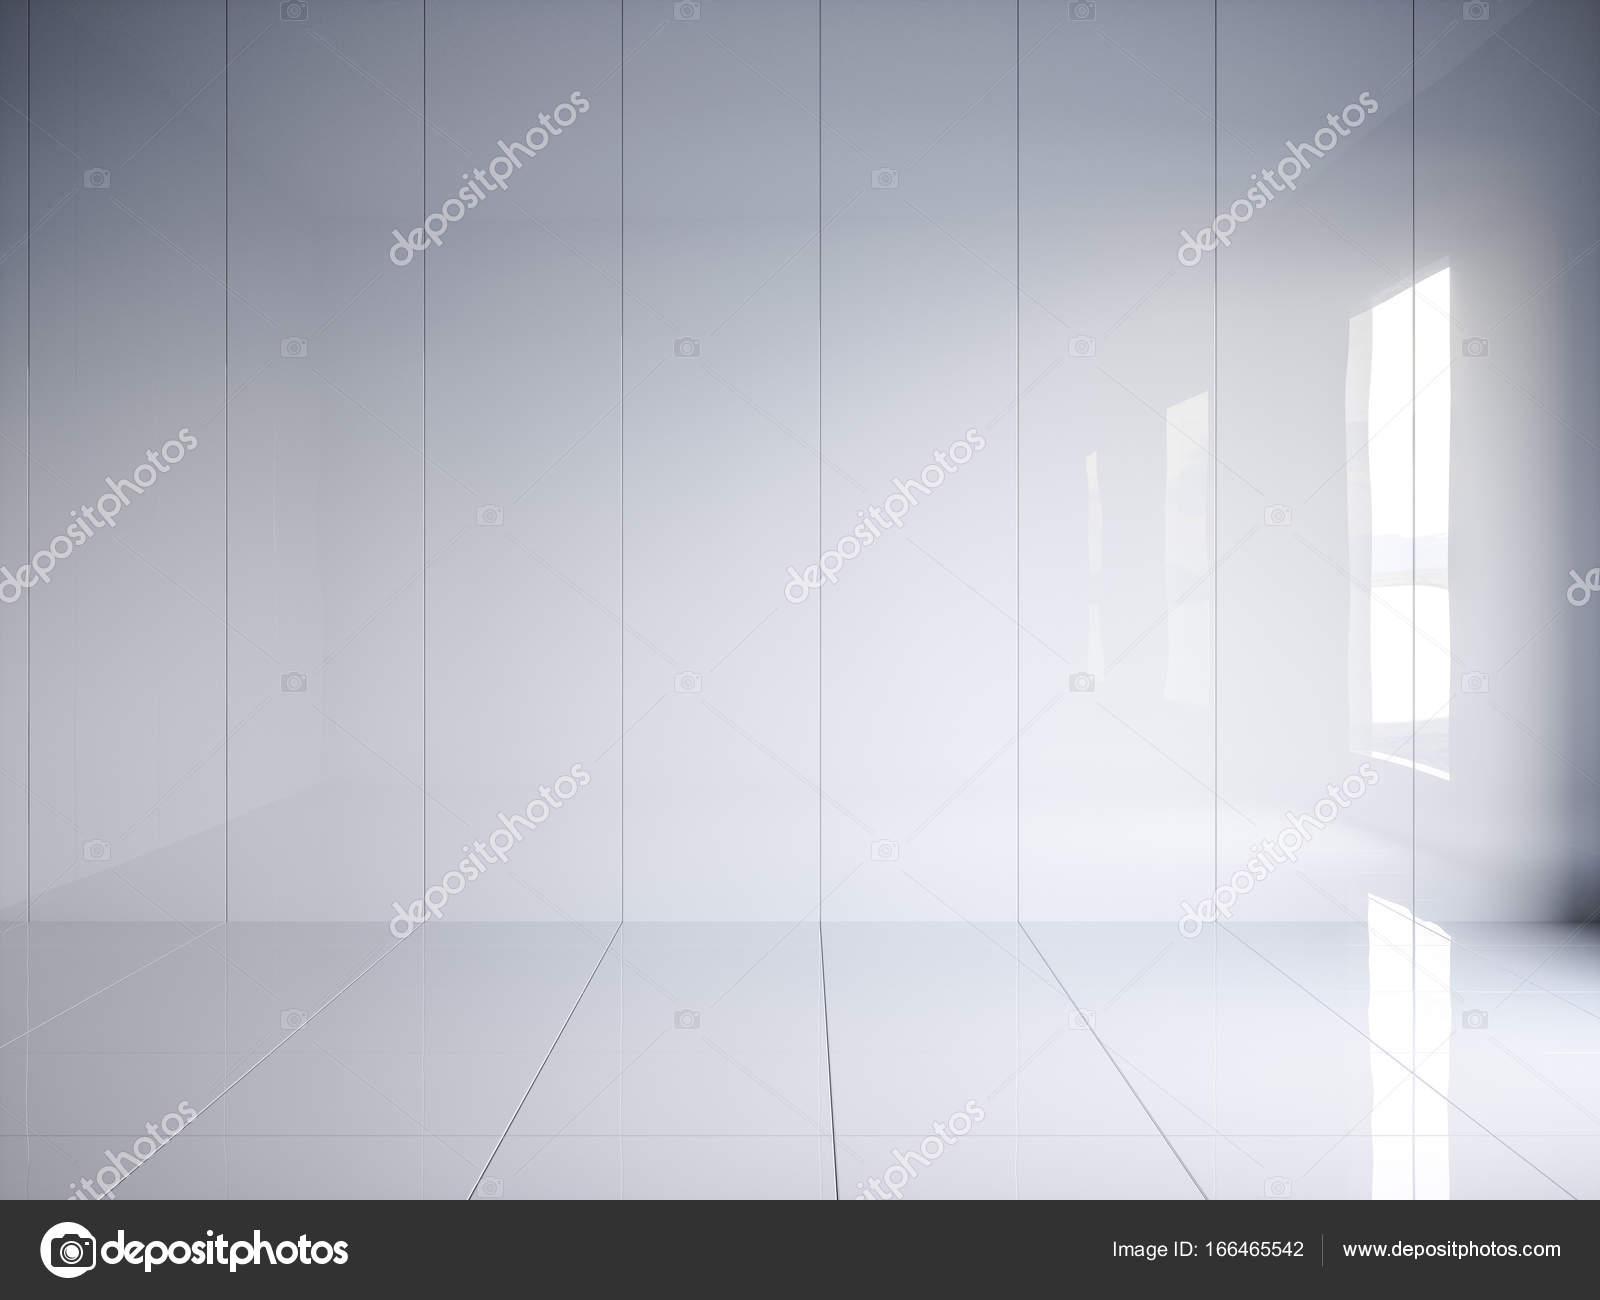 D Render Weiß Glänzend Innen Mit Vertikalen Paneele An Wand - Weiße glänzende bodenfliesen